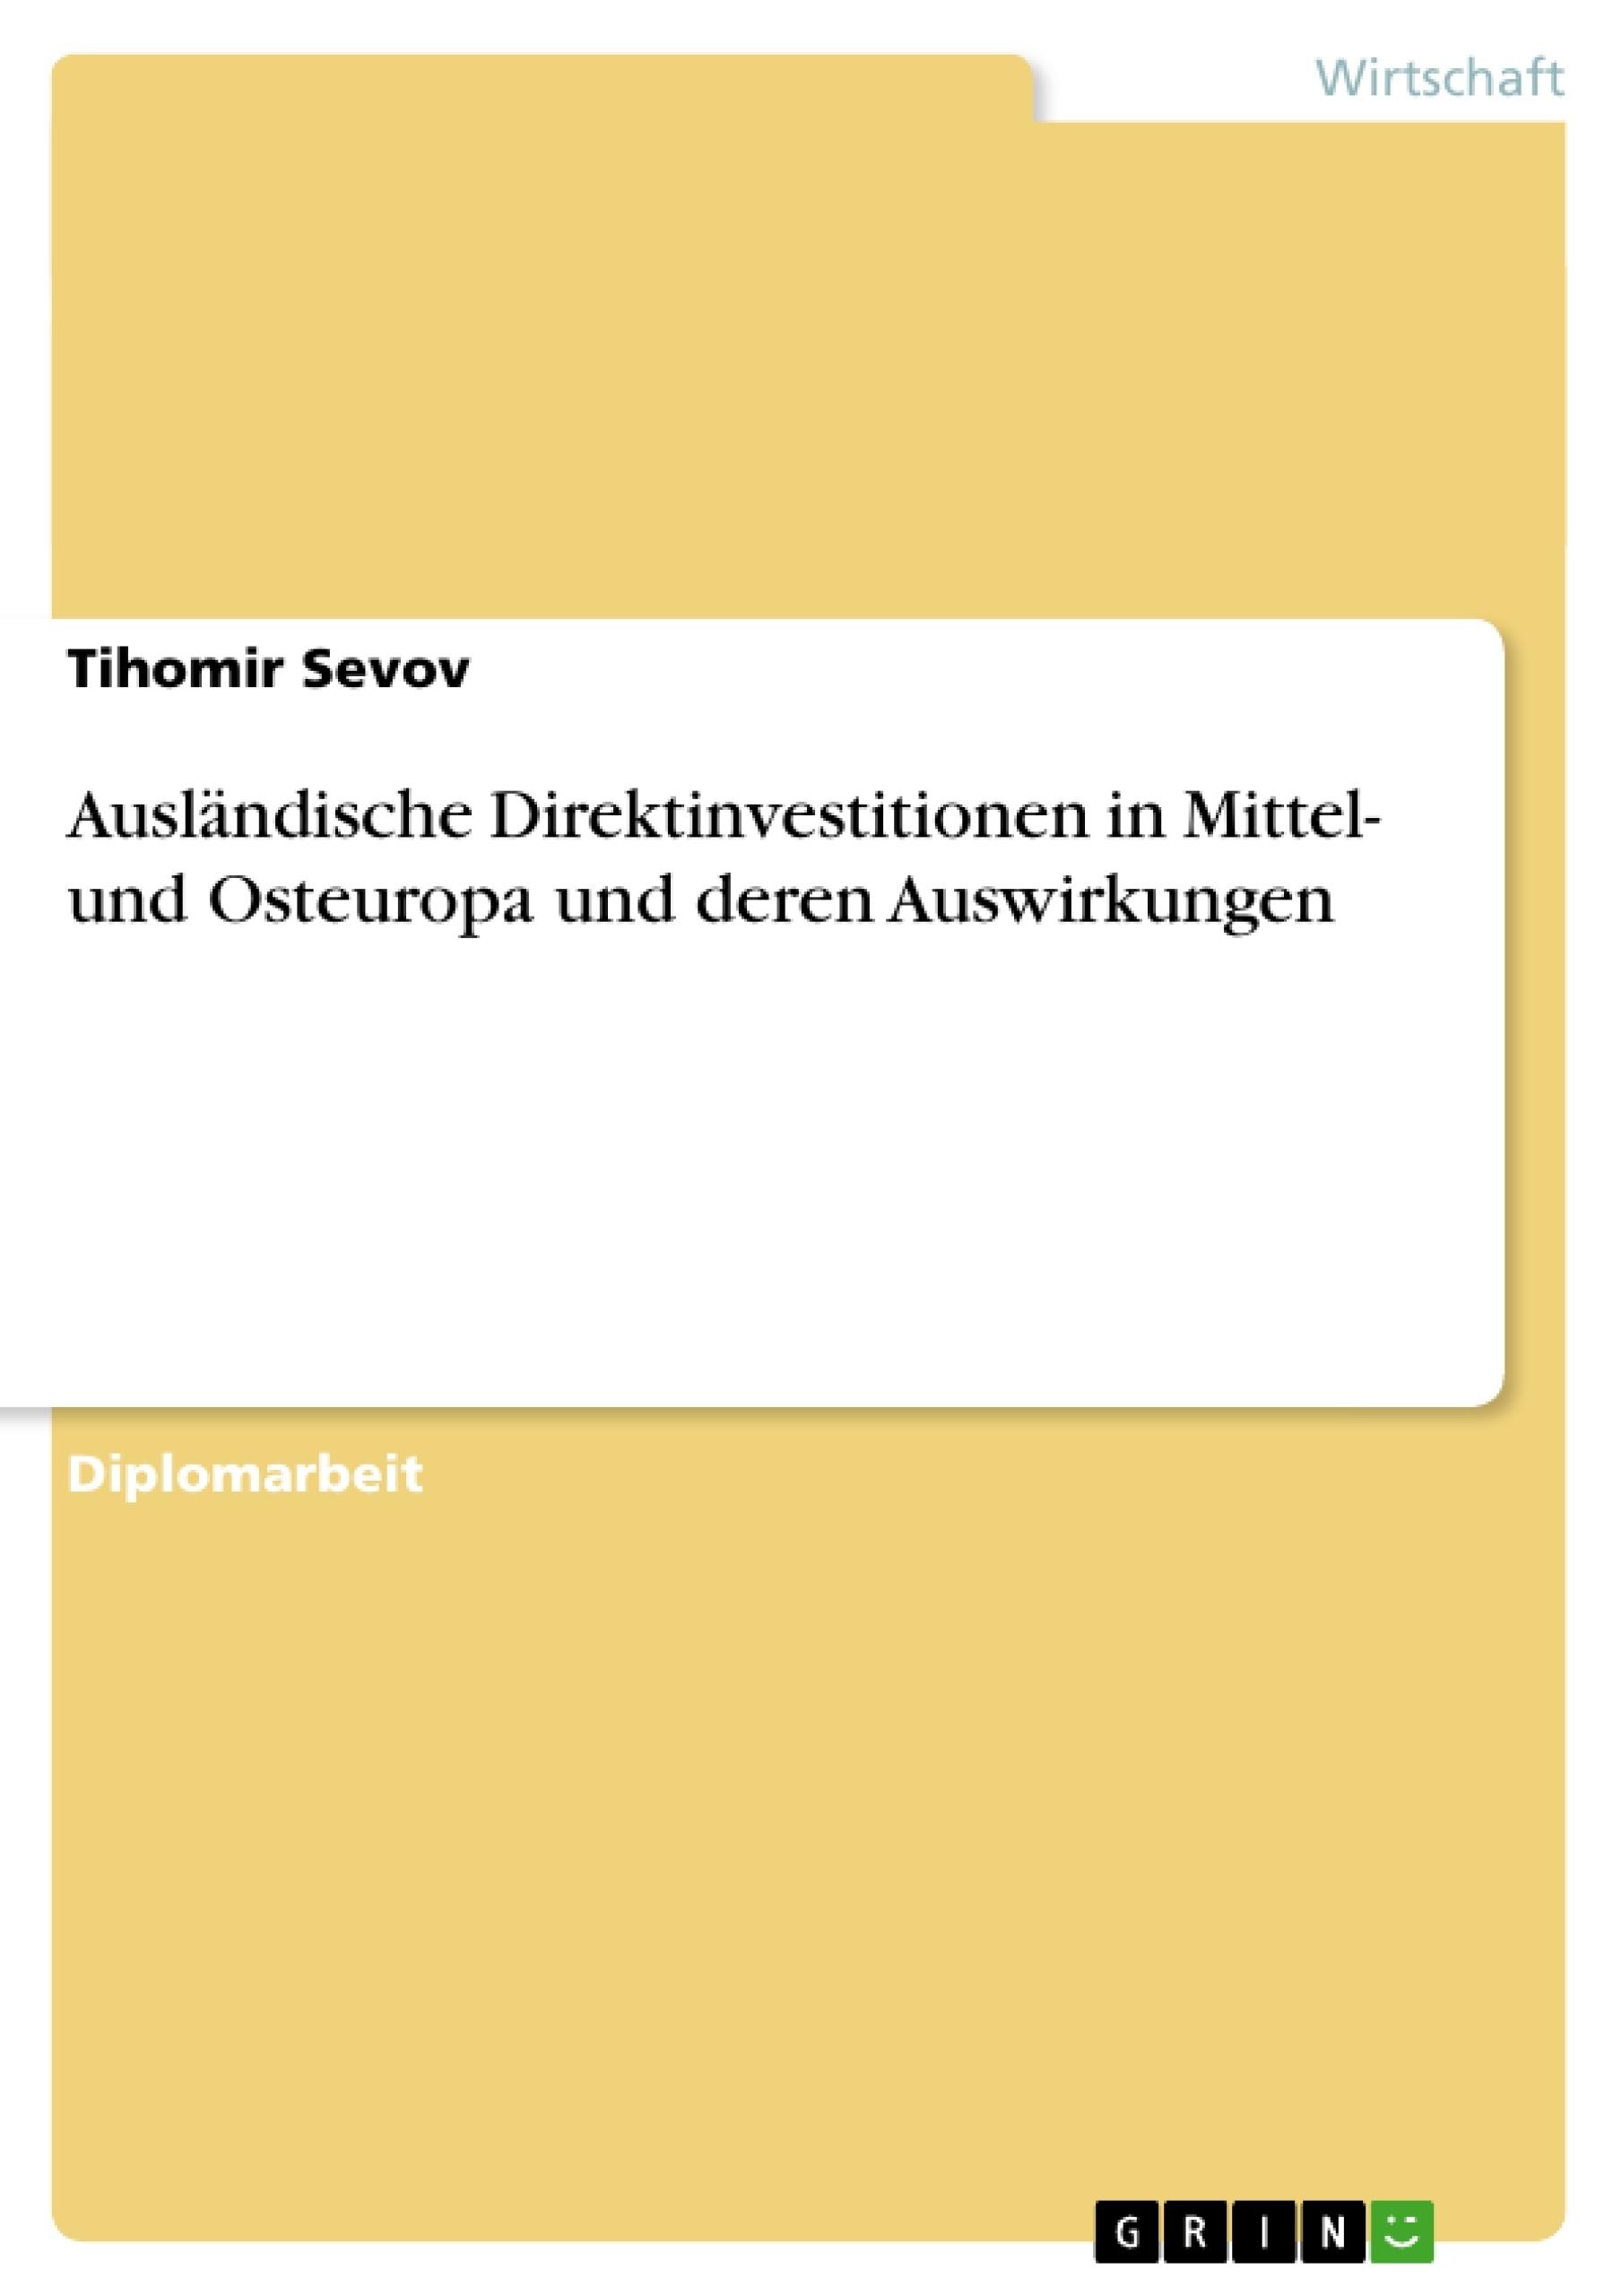 Titel: Ausländische Direktinvestitionen in Mittel- und Osteuropa und deren Auswirkungen